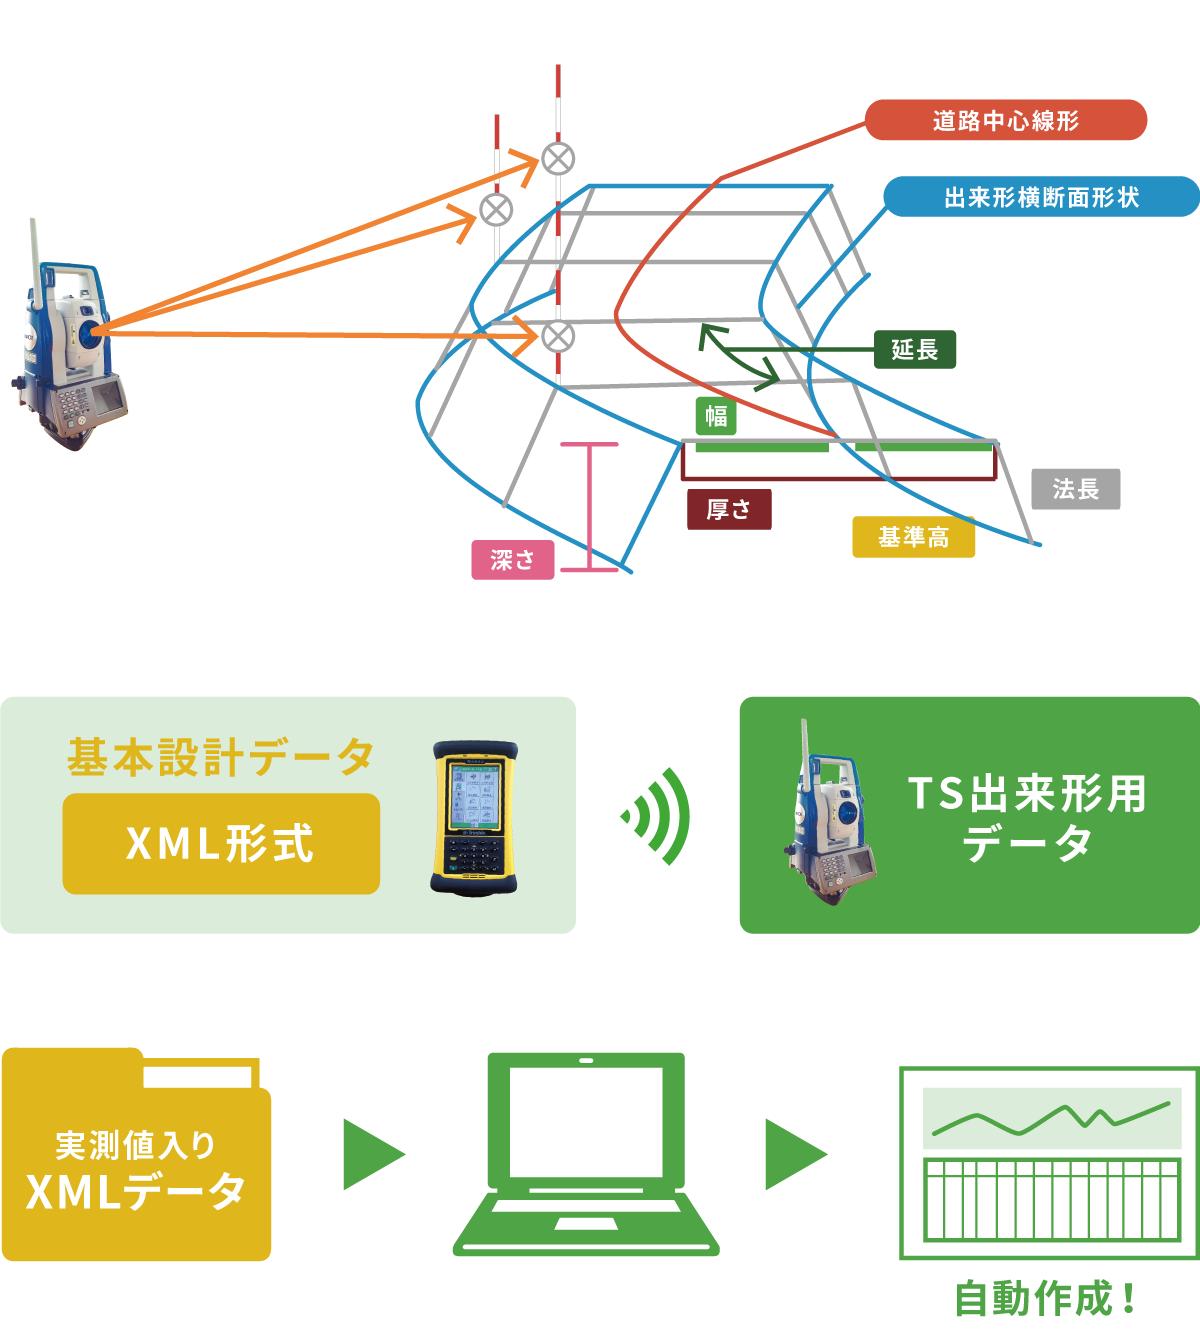 TS(情報化施工)による出来形計測に使用するトータルステーションとモバイルデキスパートのイメージ